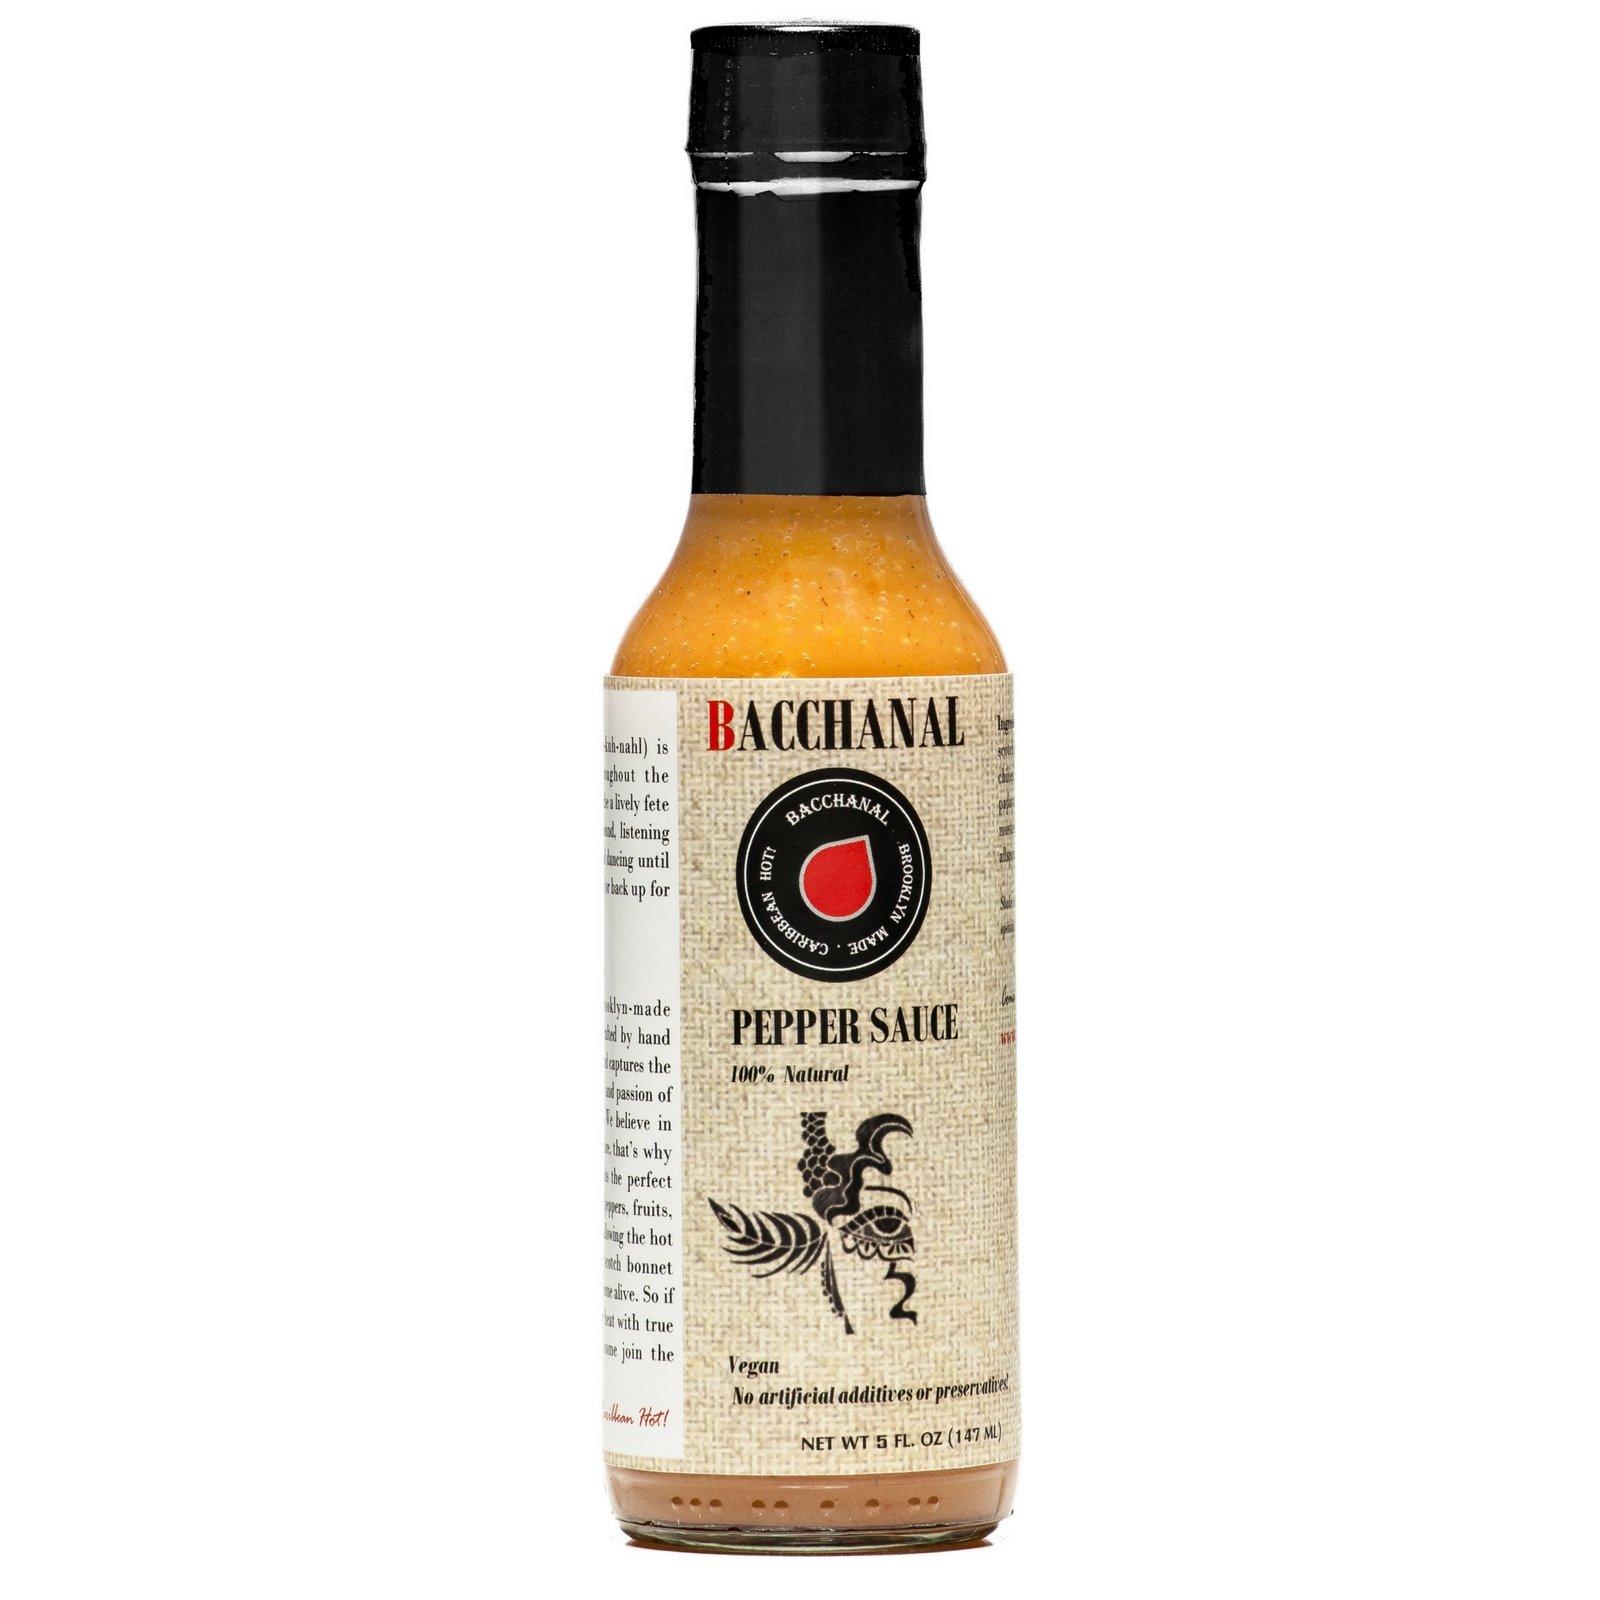 Hot Sauce, Habanero Sauce, Scotch Bonnet Pepper, Hot Pepper Sauce, Hot Sauce with Flavor, Bacchanal Pepper Sauce 5oz by Bacchanal Sauce (Image #4)